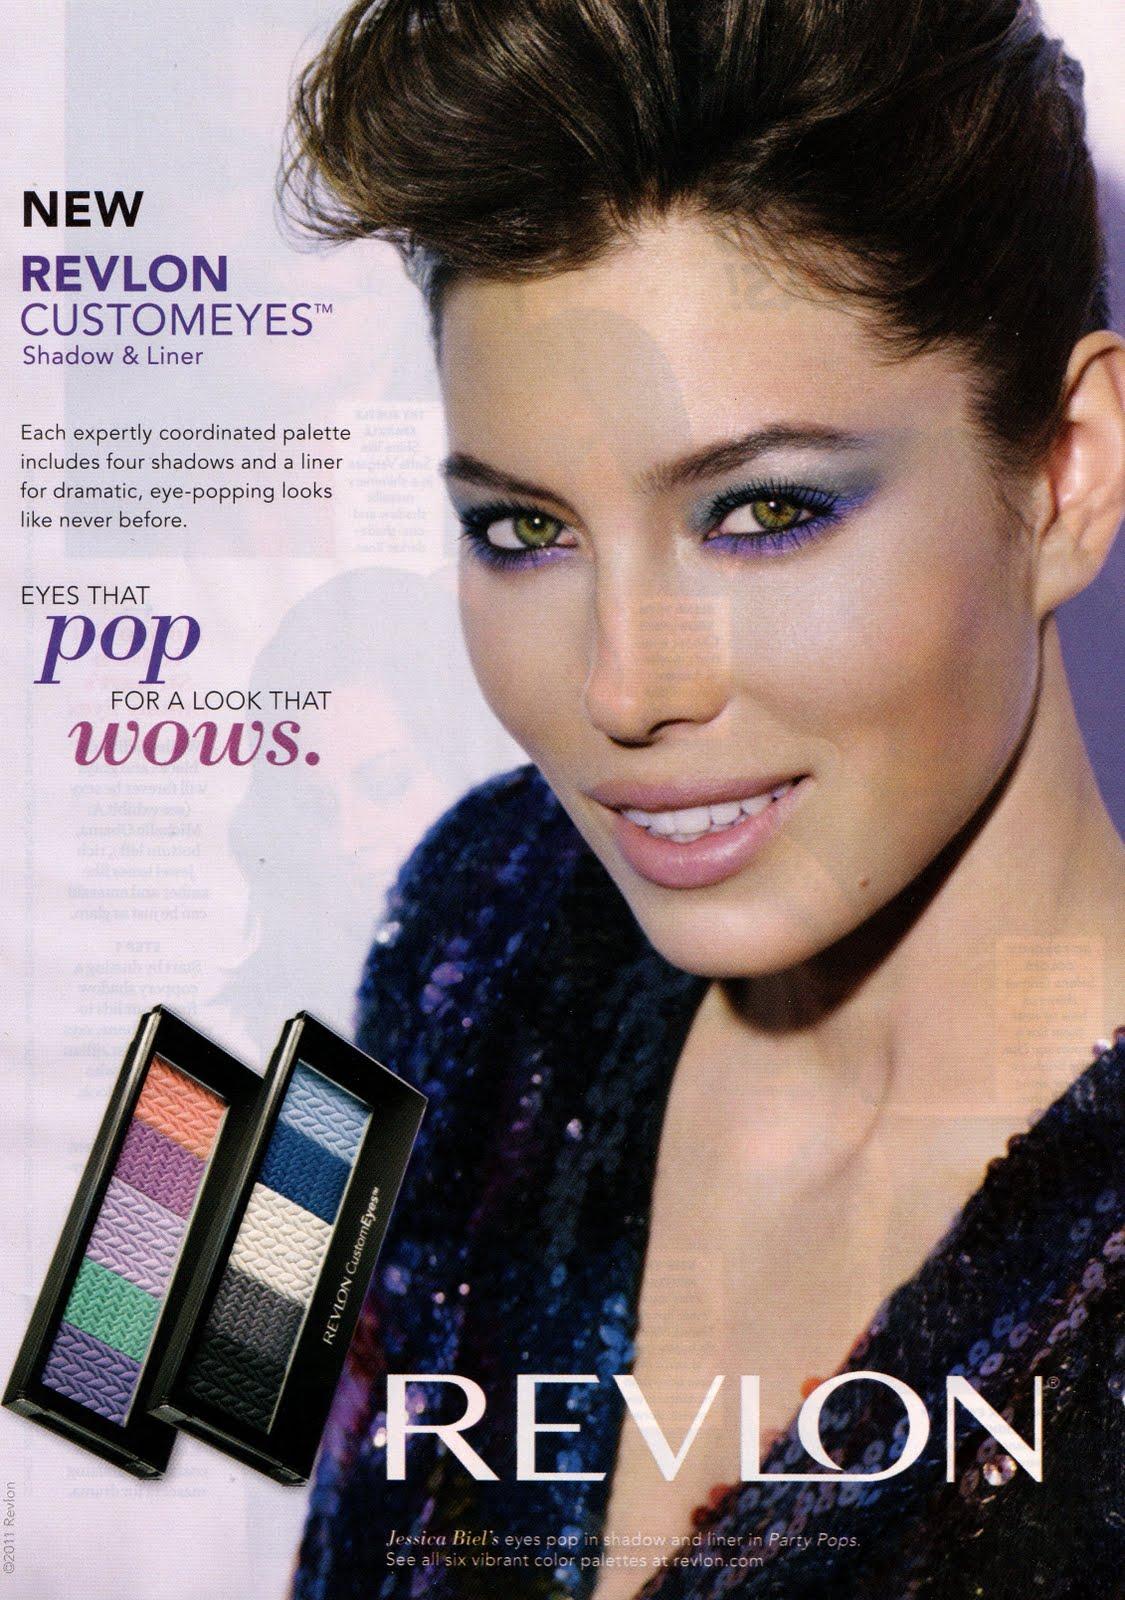 http://3.bp.blogspot.com/-6sPS0-u3LNM/TadUNnTL6eI/AAAAAAAAHRc/ifEtPD00DDM/s1600/Jessica_Biel_Revlon_Ad.jpg